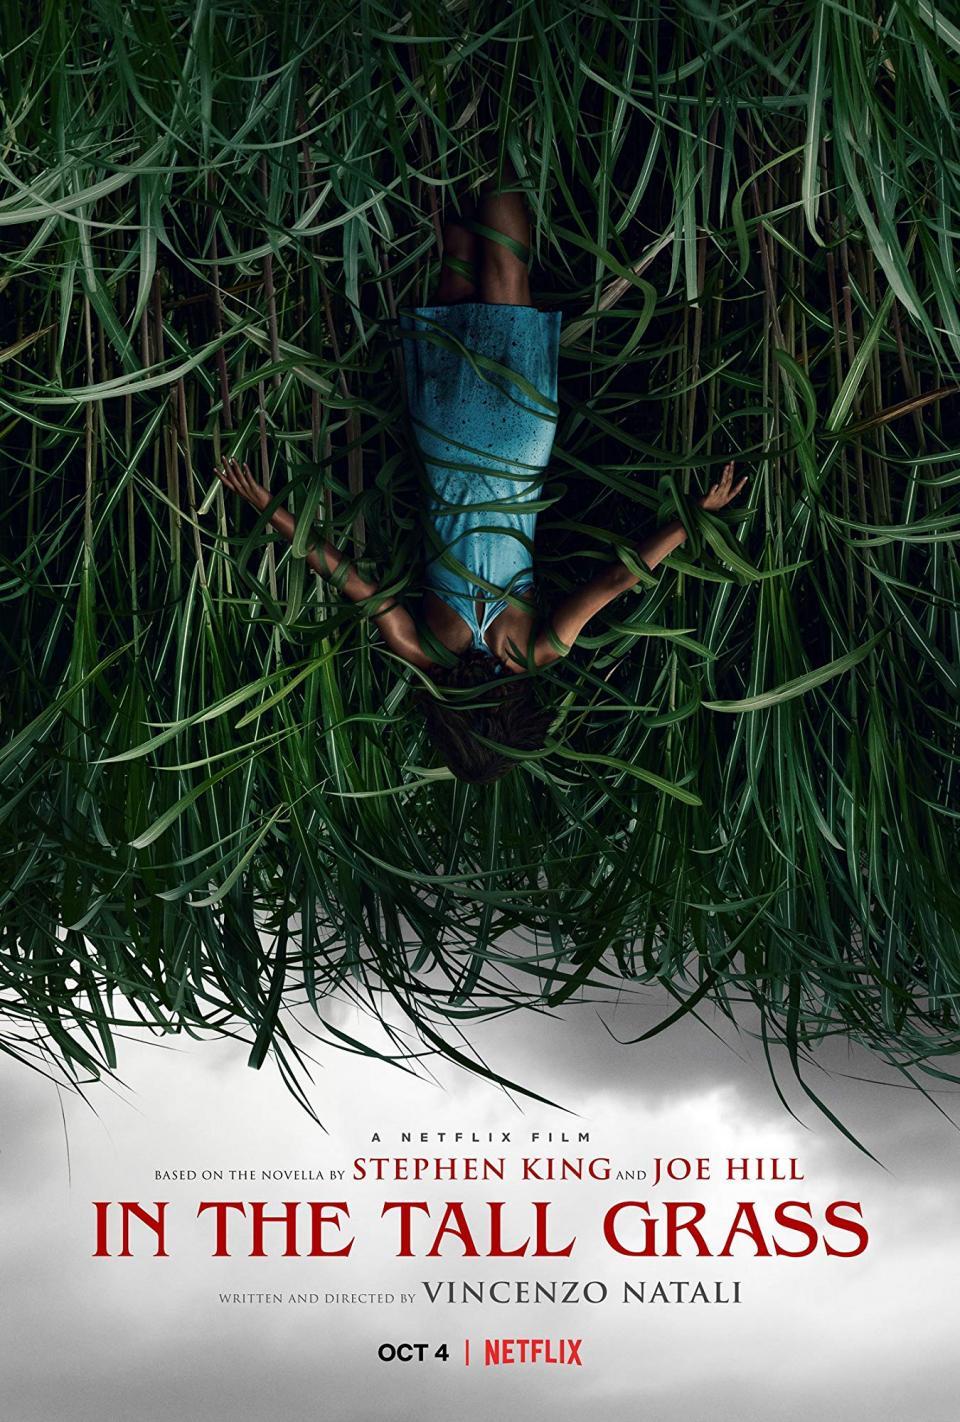 """[Trailer] Netflix bringt Stephen King Horror """"Im hohen Gras"""" nach Deutschland"""